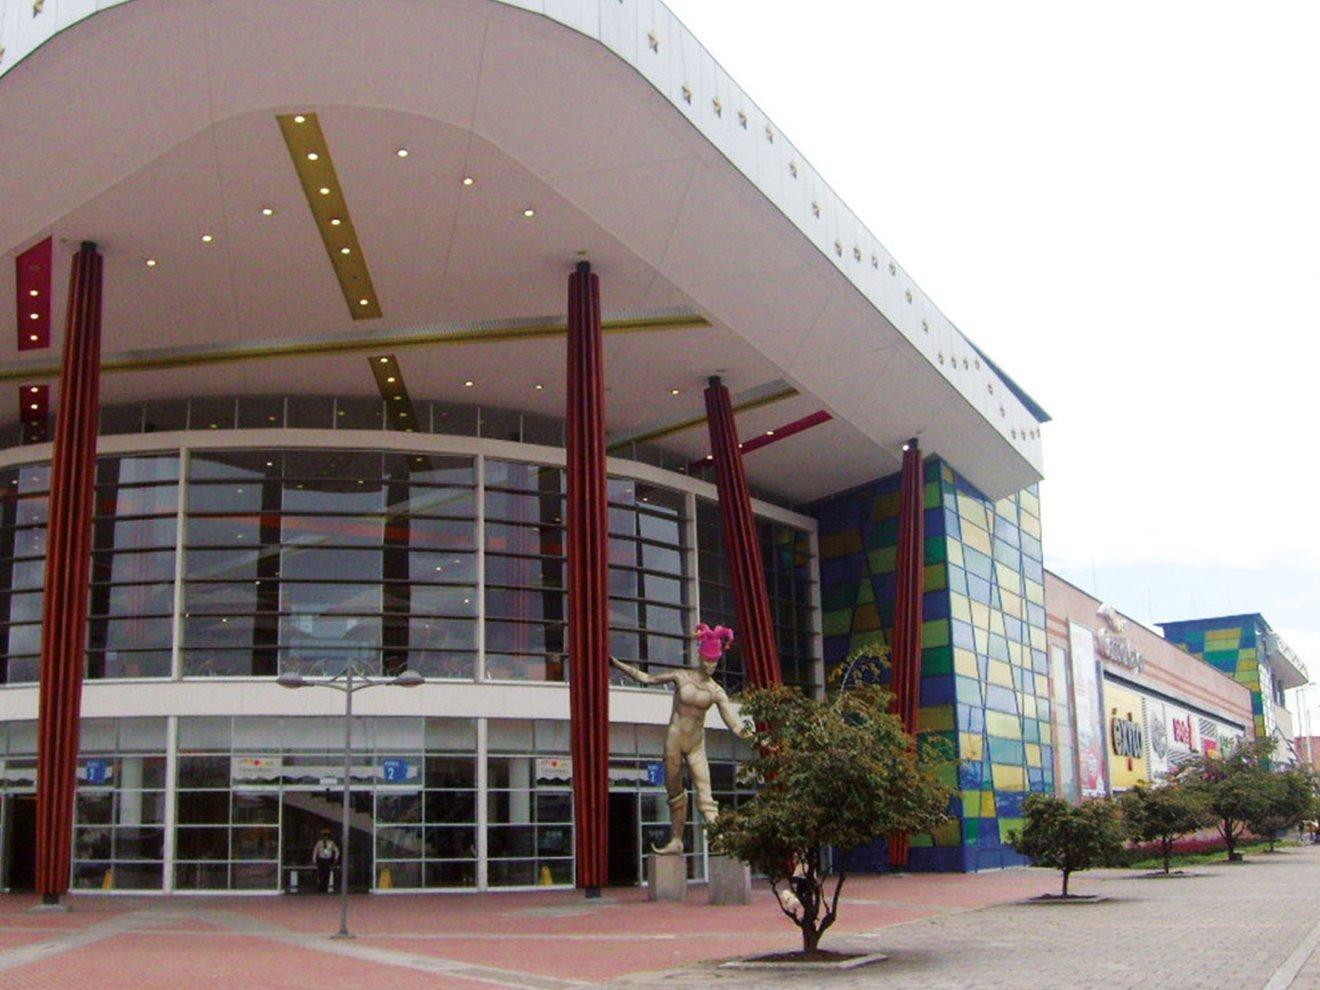 Malls in Bogotá